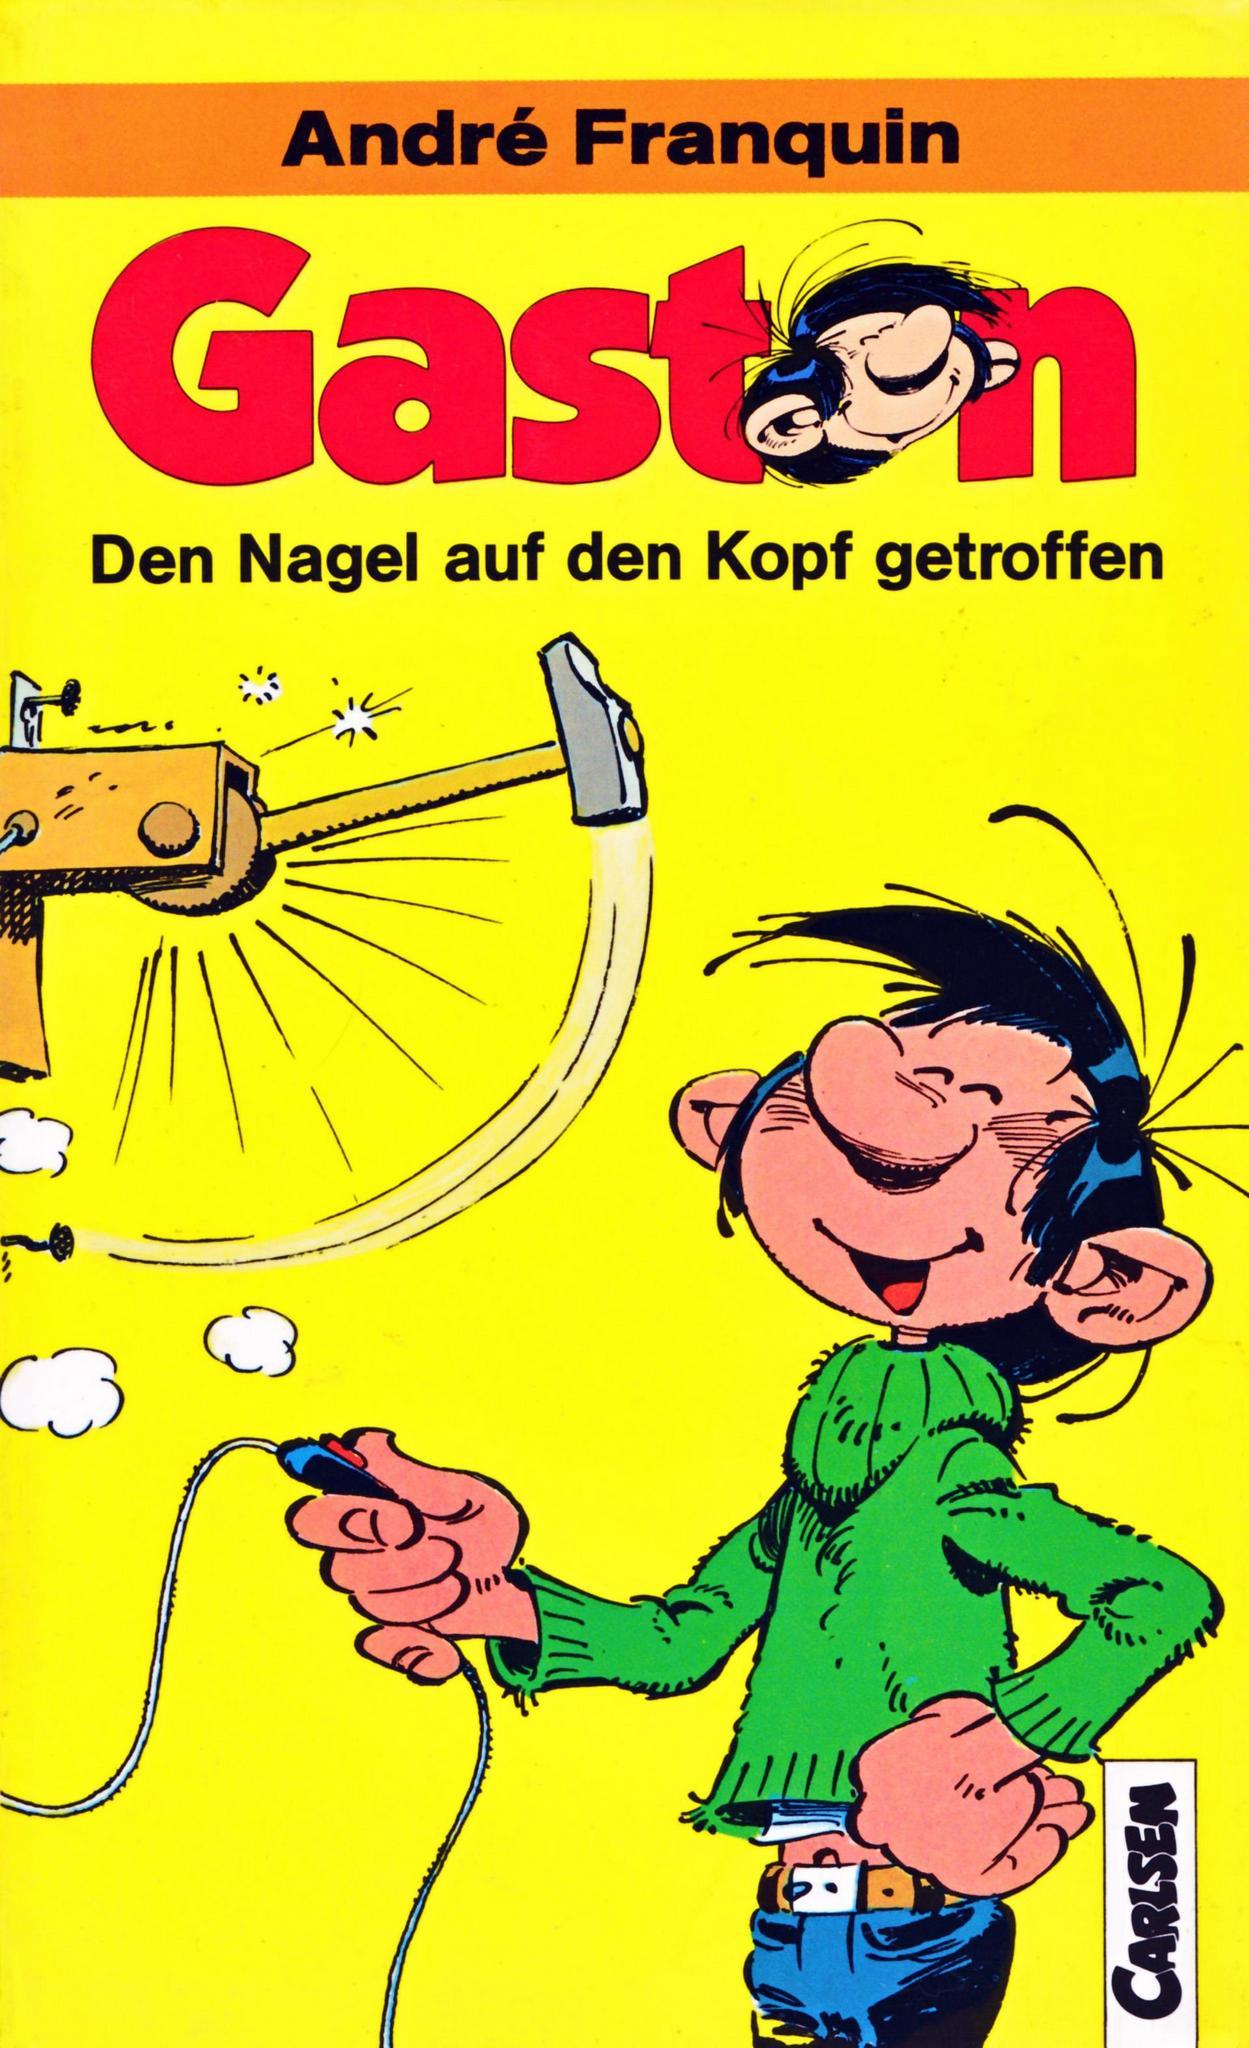 Carlsen Pocket (1990) - komplett